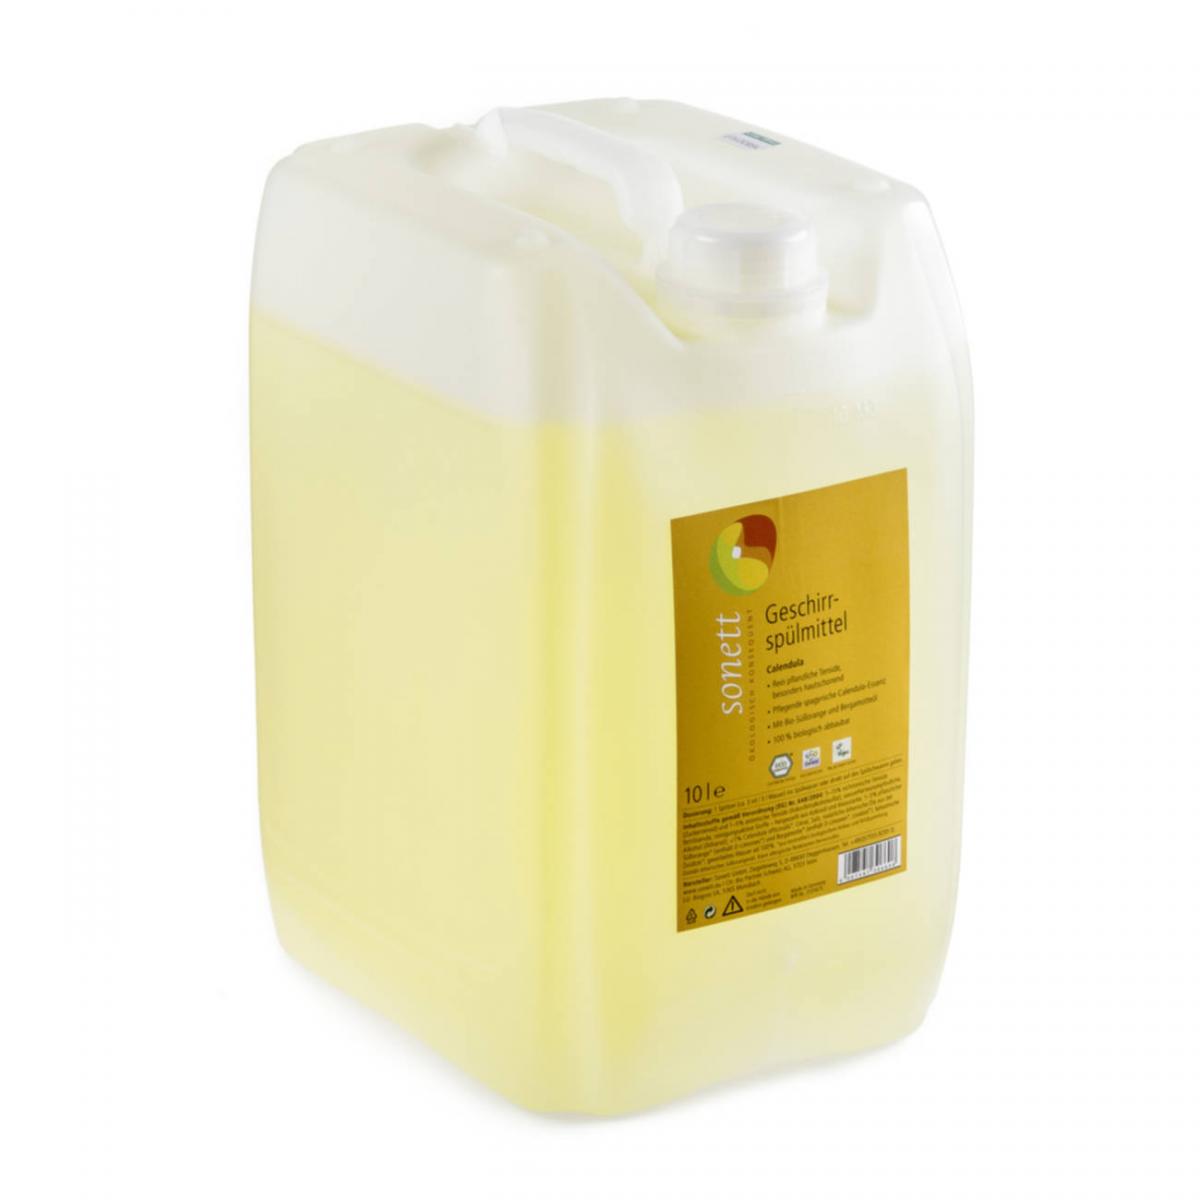 Geschirrspülmittel Calendula Bidon 10 l - Sonett